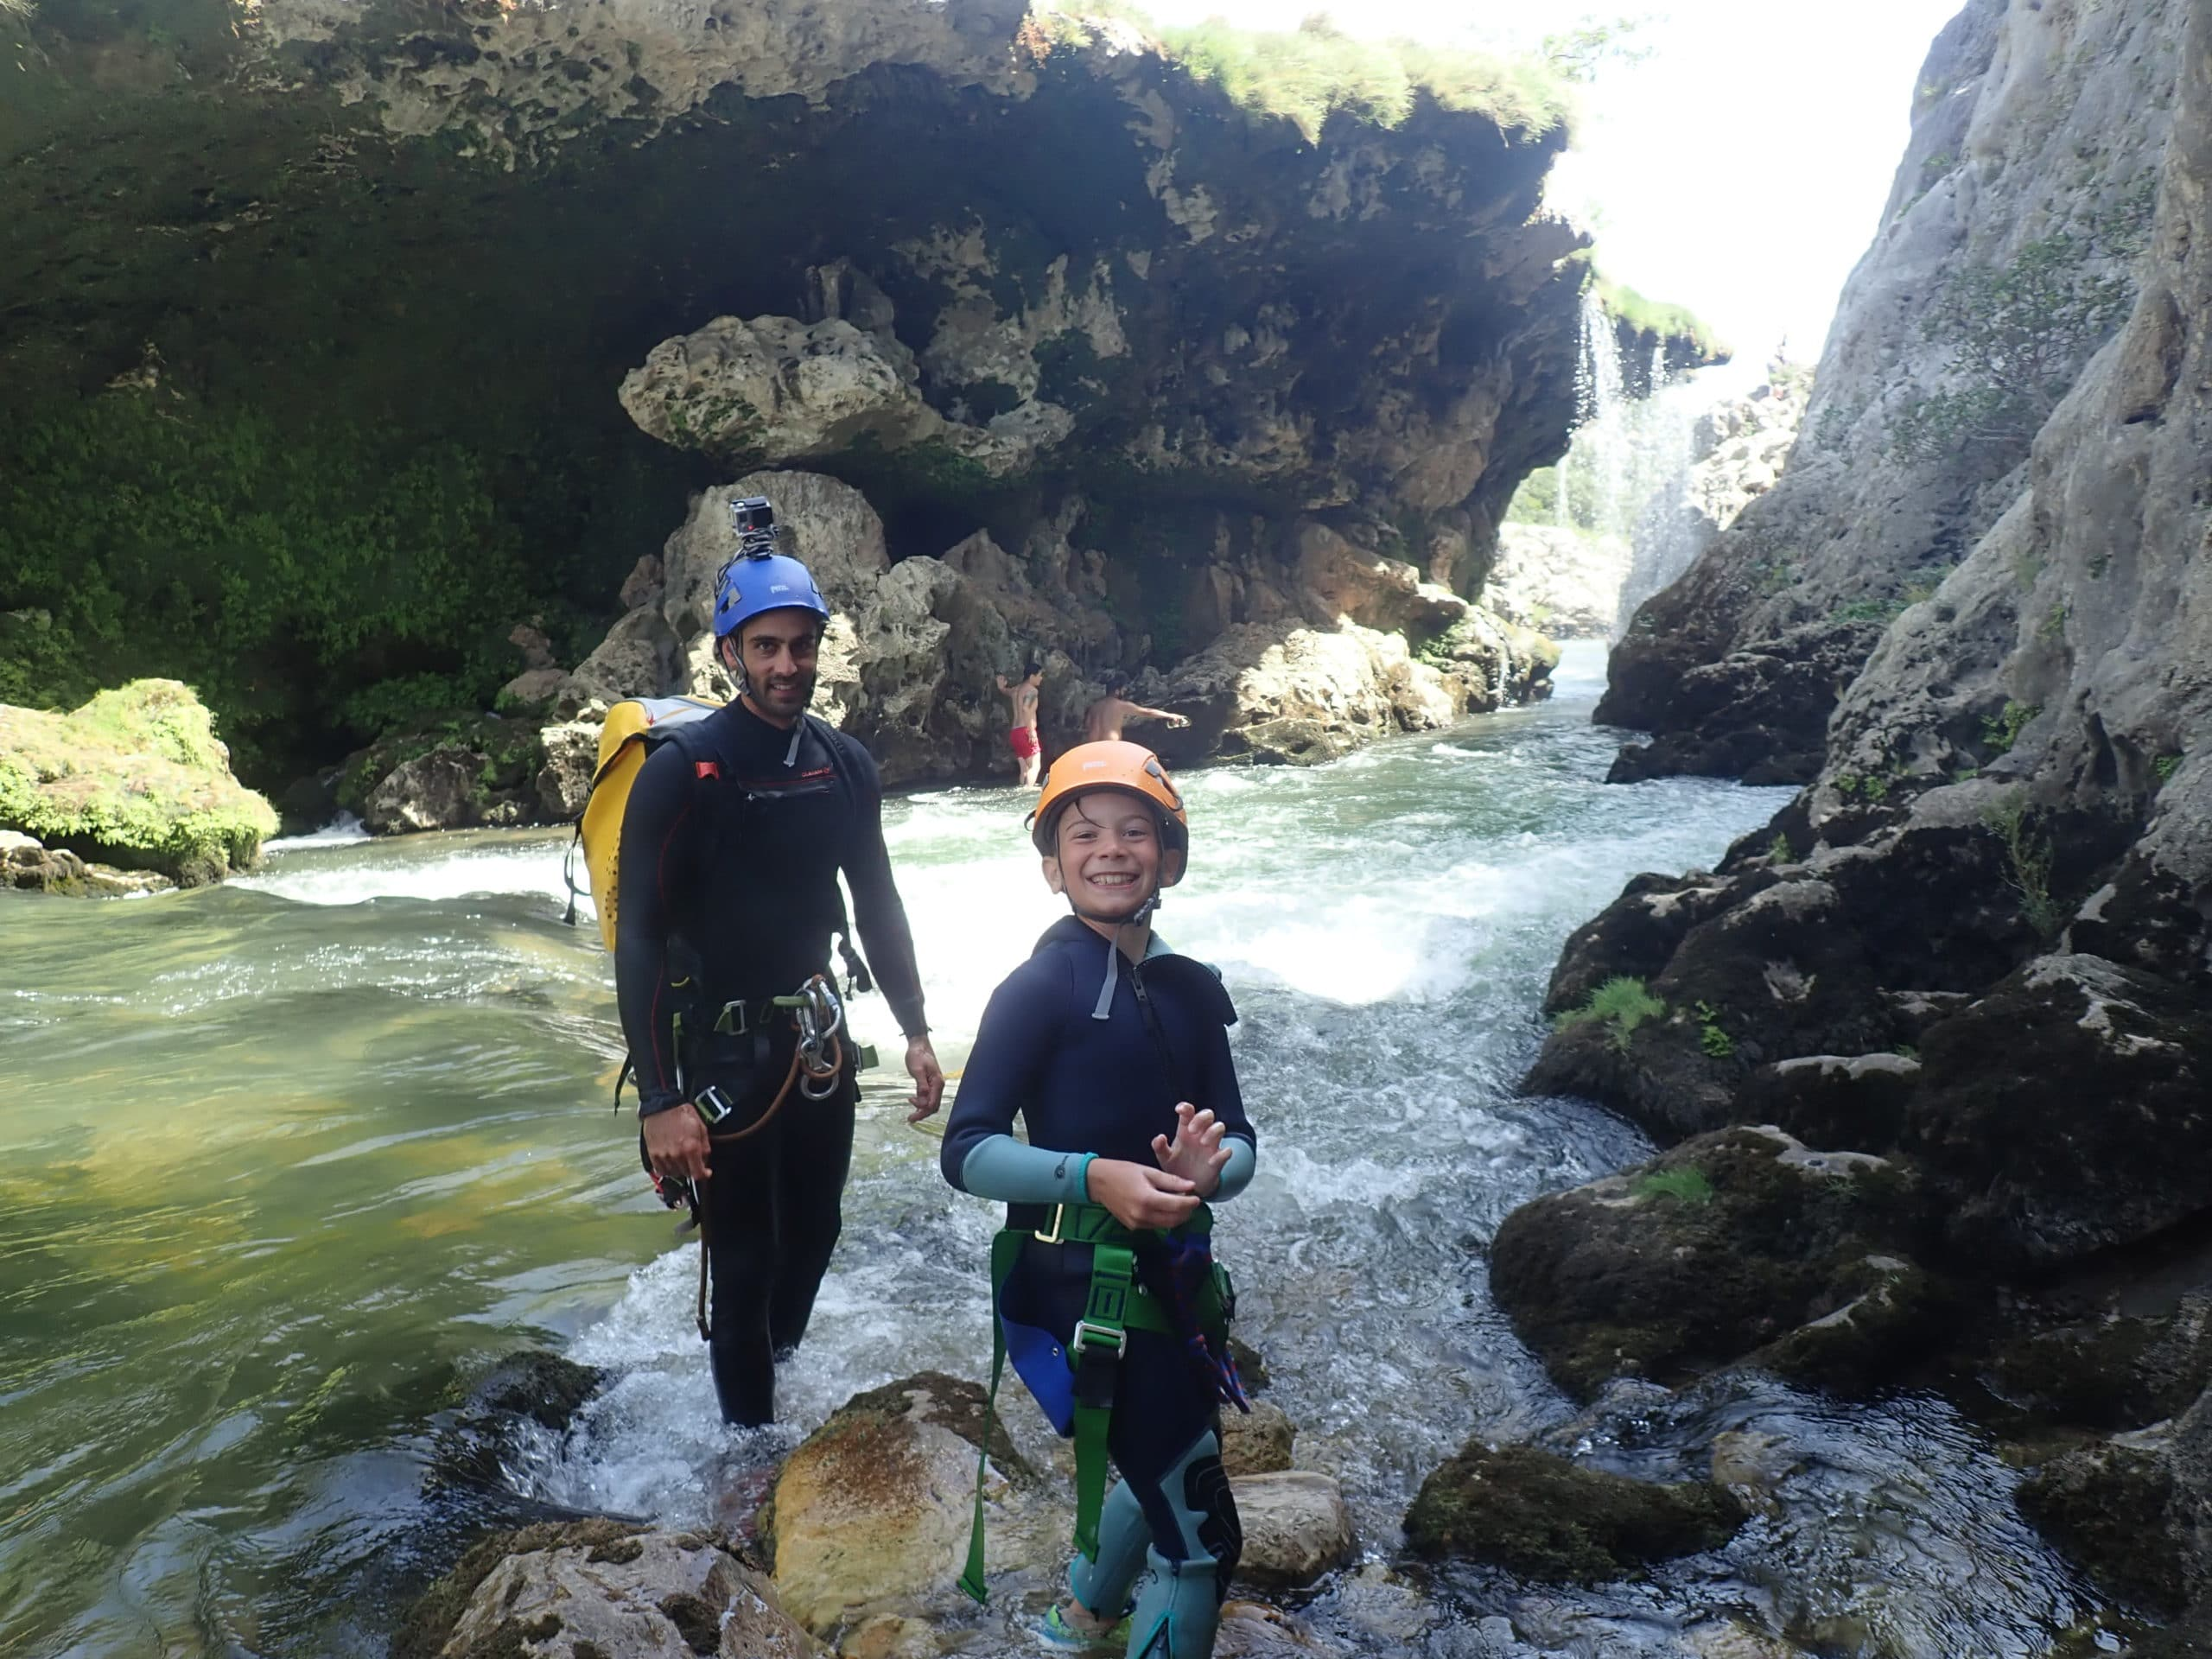 Activité de plein air en famille, devant le parapluie dans le canyon du diable à St Guilhem le Désert.